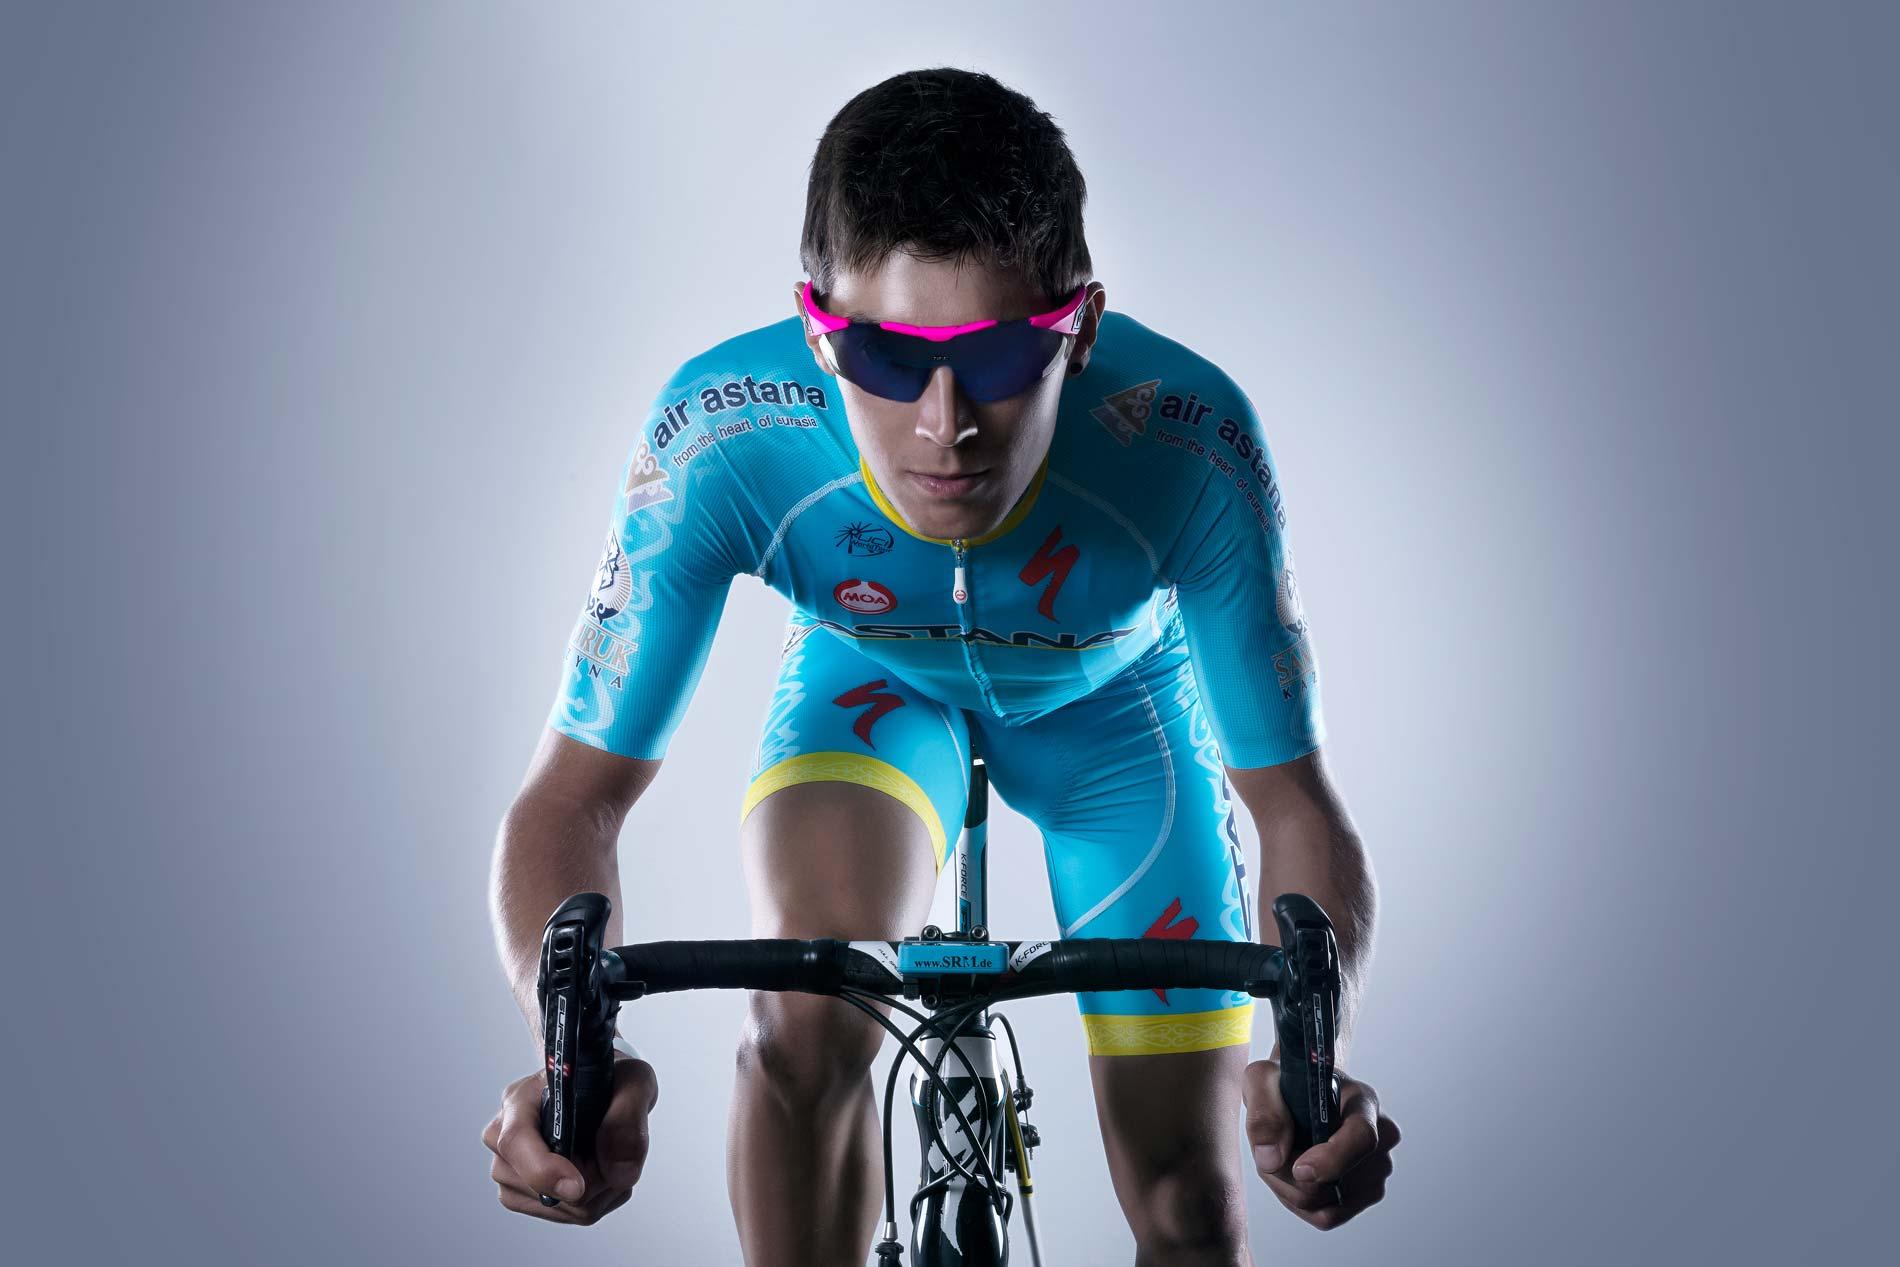 diego rosa cyclist